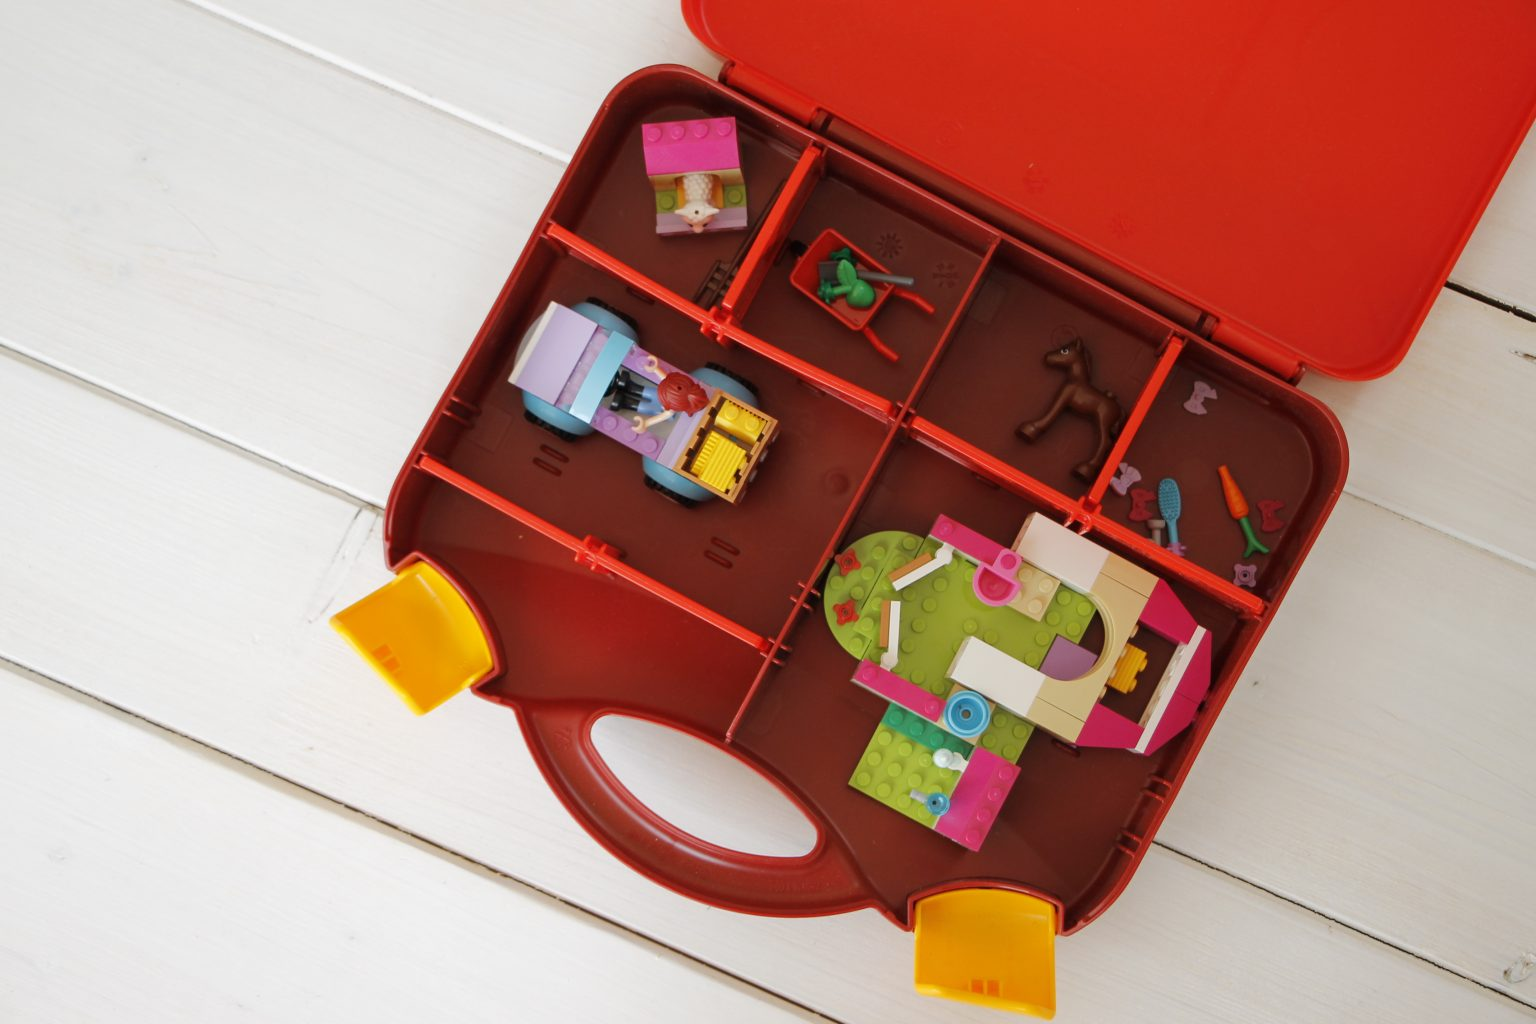 Lego Mitnehmkoffer